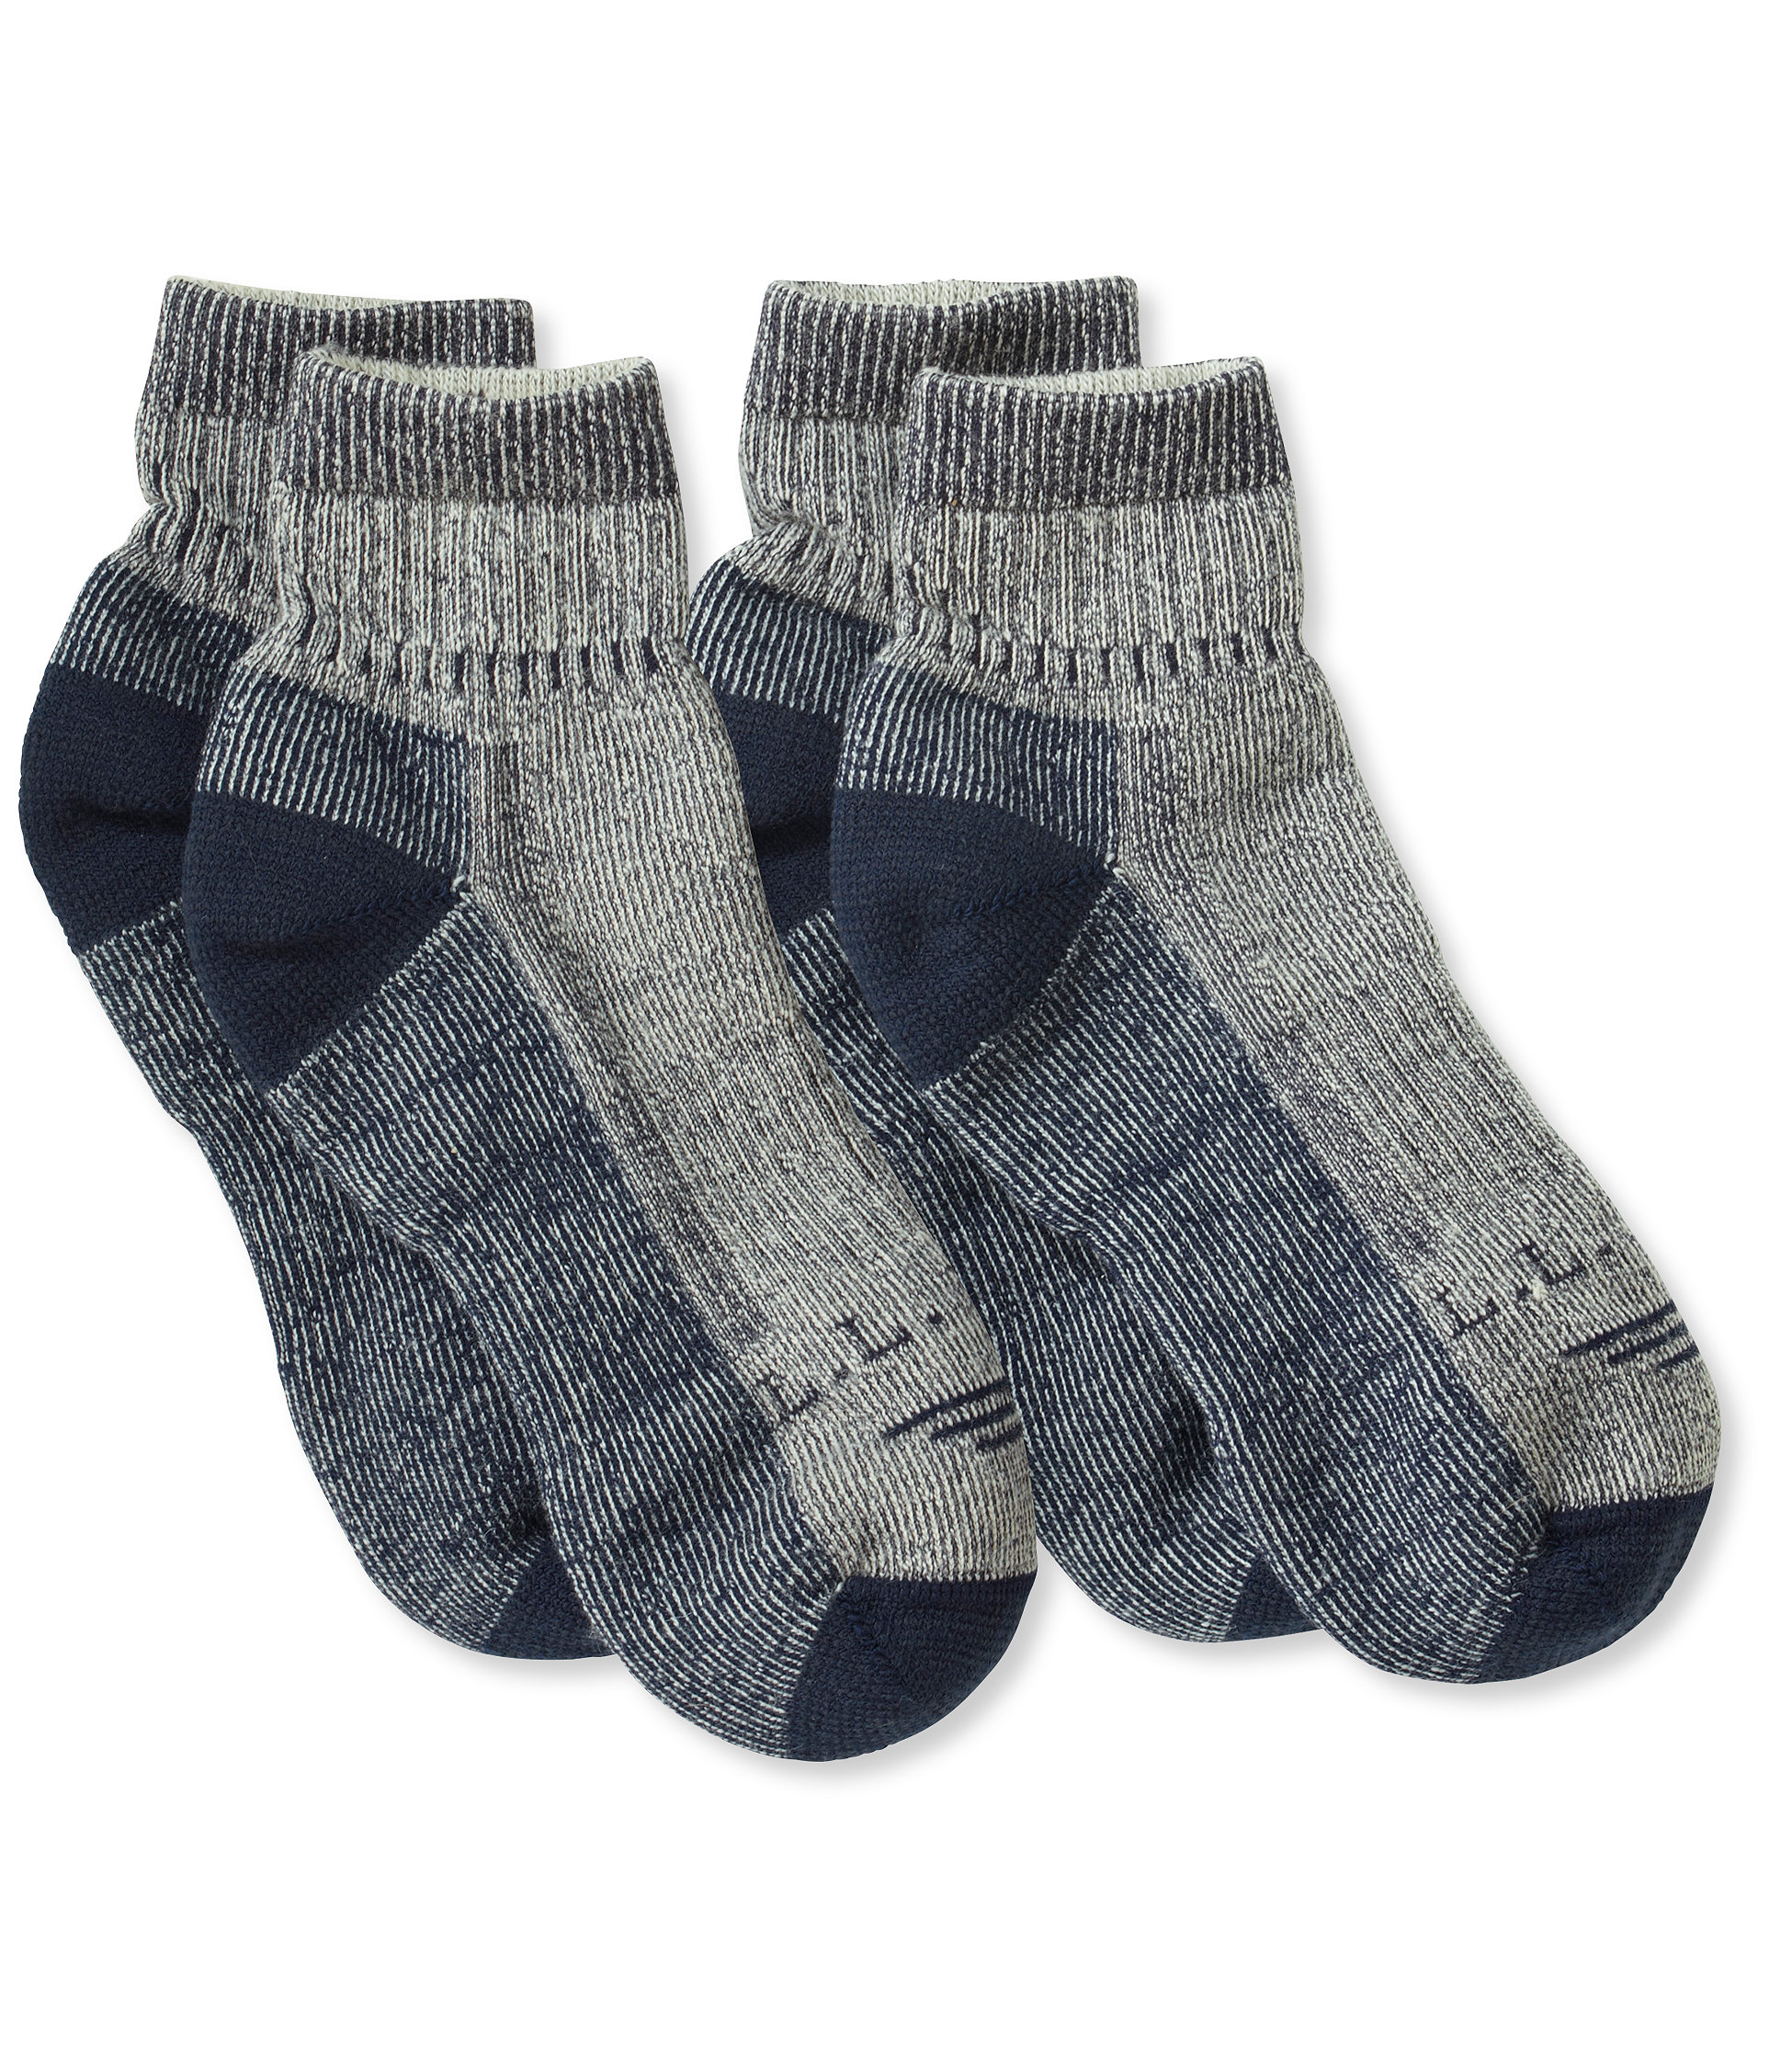 L.L.Bean Cresta Hiking Socks, Wool-Blend Midweight Quarter Crew